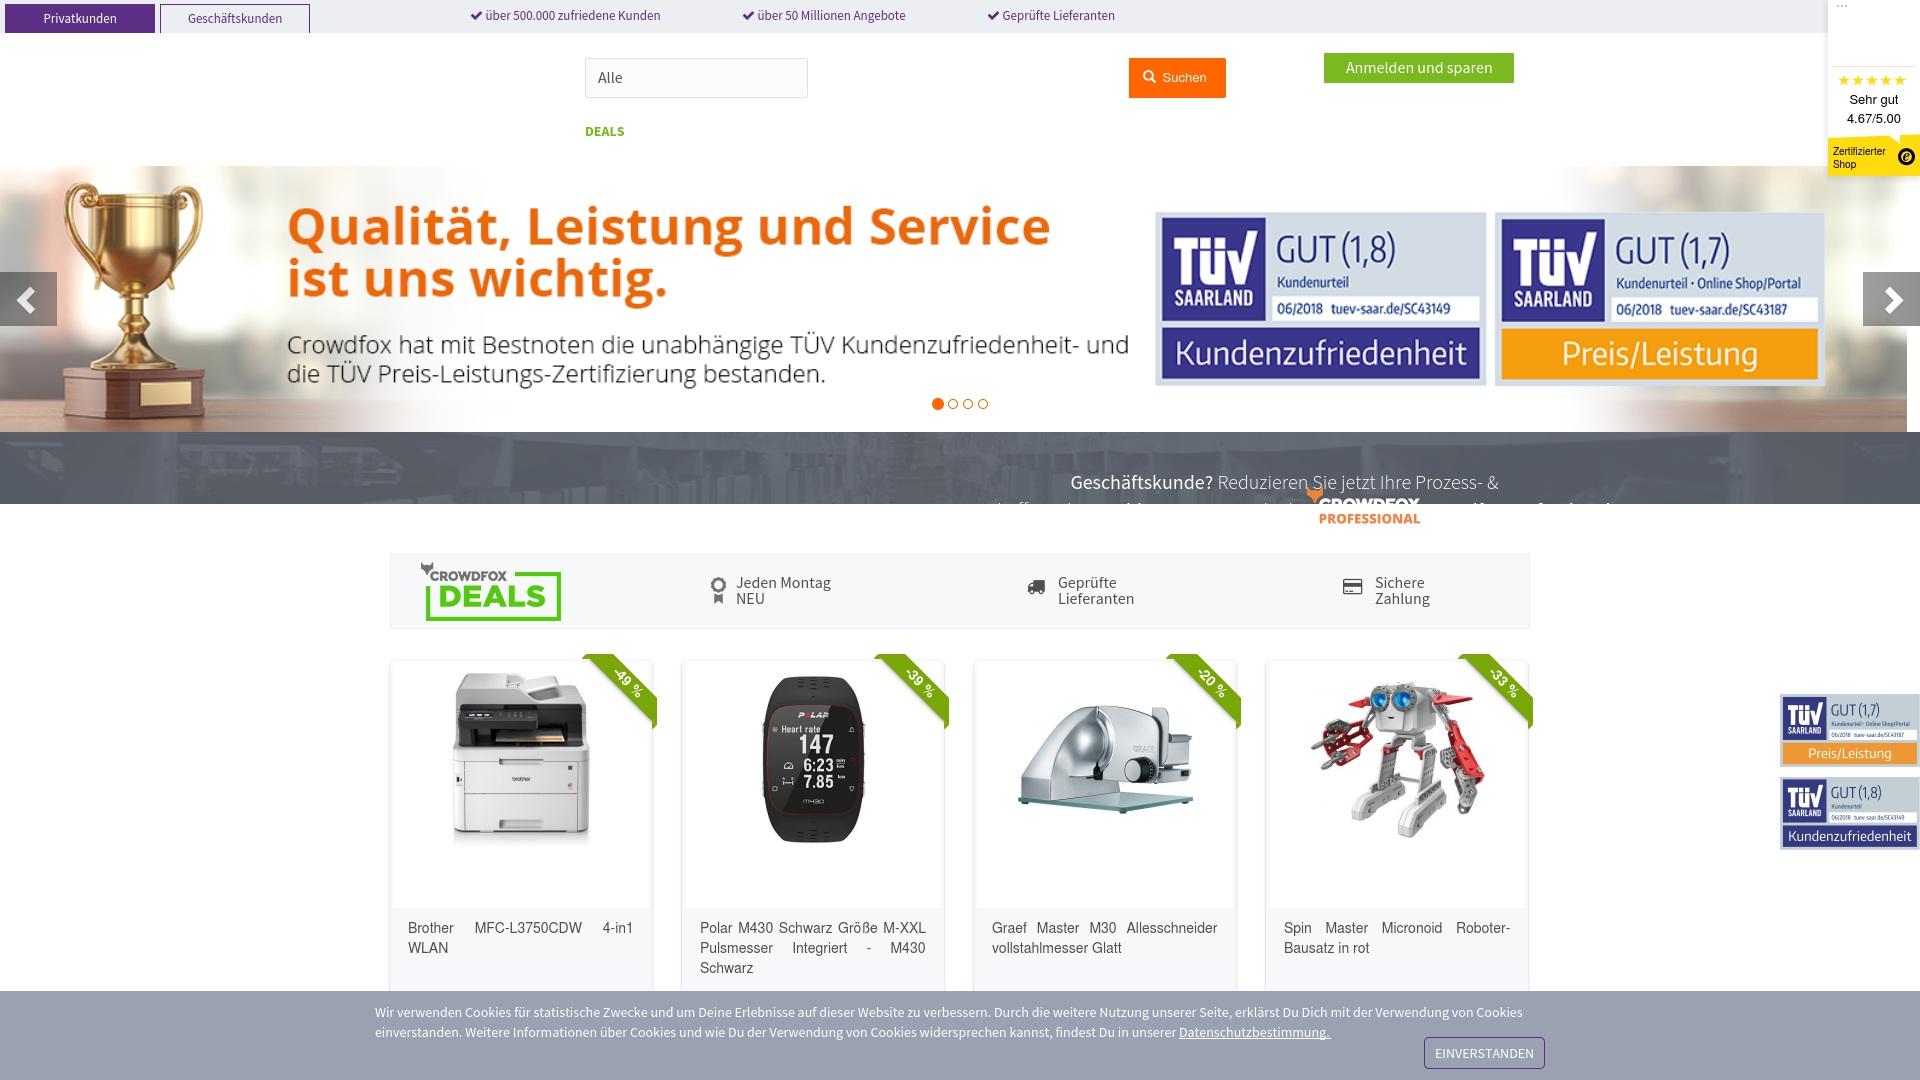 Gutschein für Crowdfox: Rabatte für  Crowdfox sichern